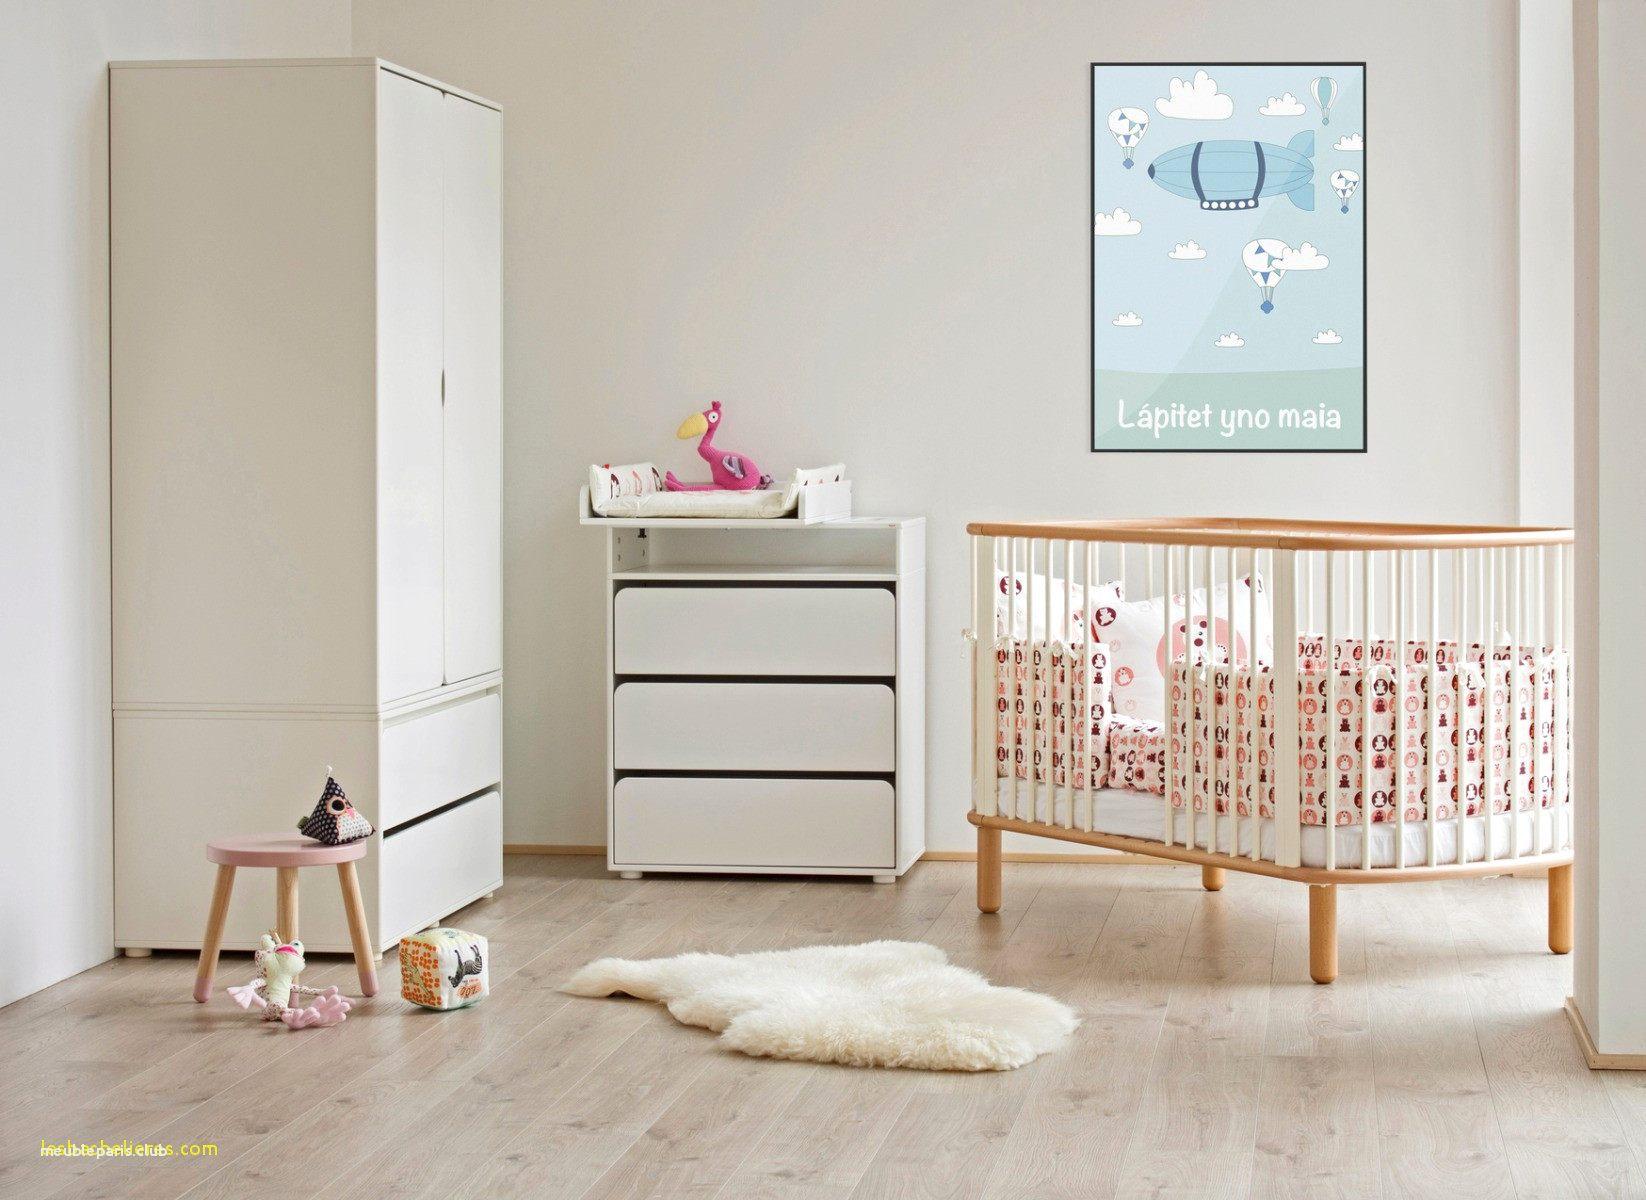 Lit Enfant Alinea Frais Ikea Armoire Bebe Awesome Descente De Lit Enfant Ikea Tapis De Salon